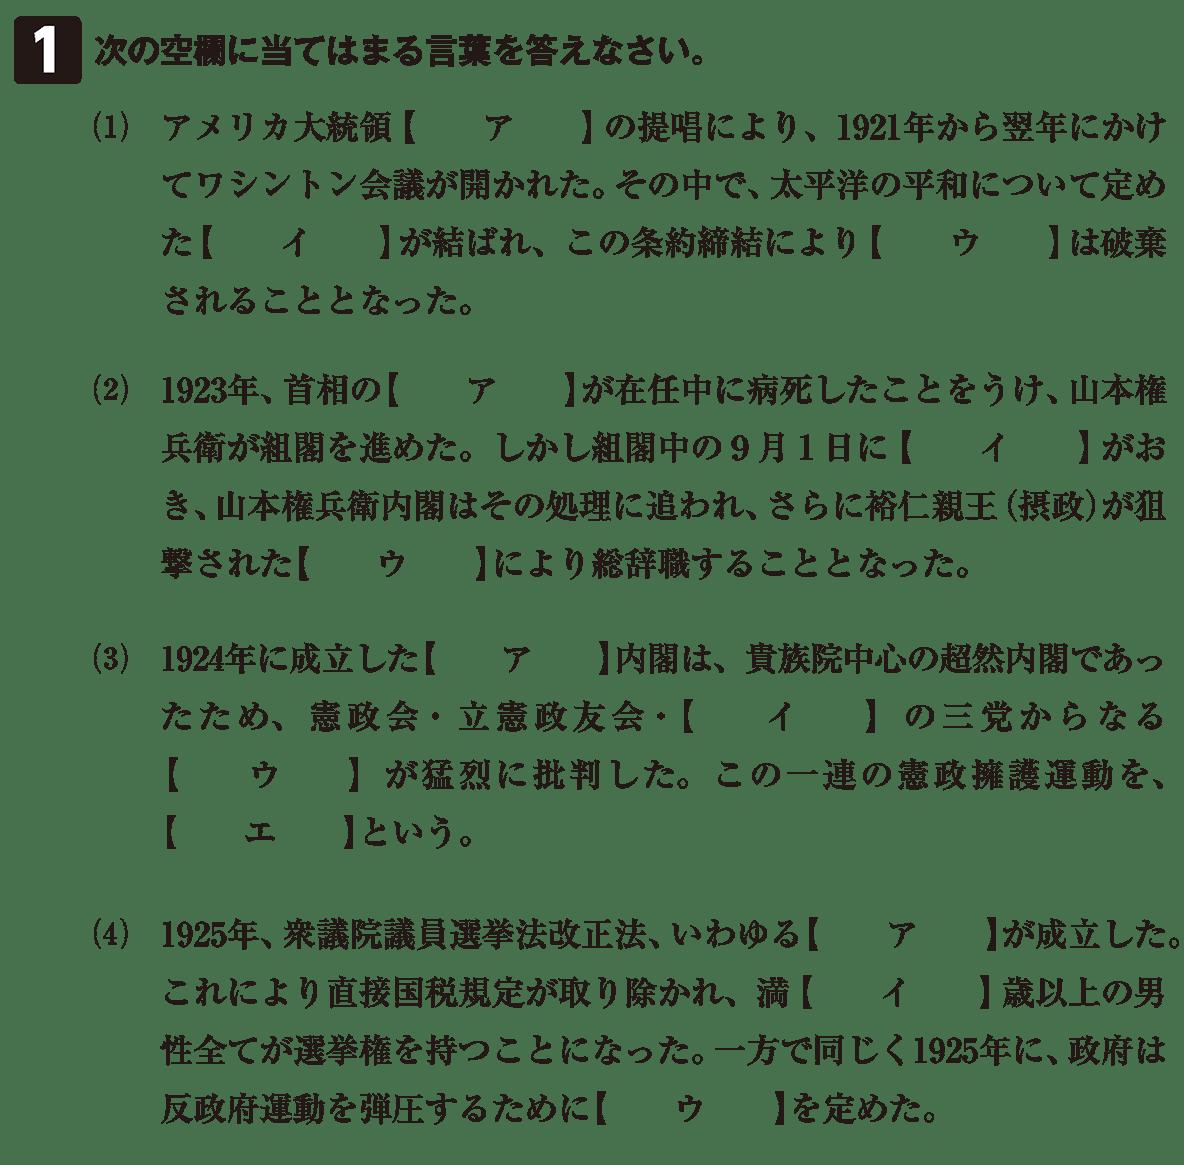 近代57 問題1 カッコ空欄